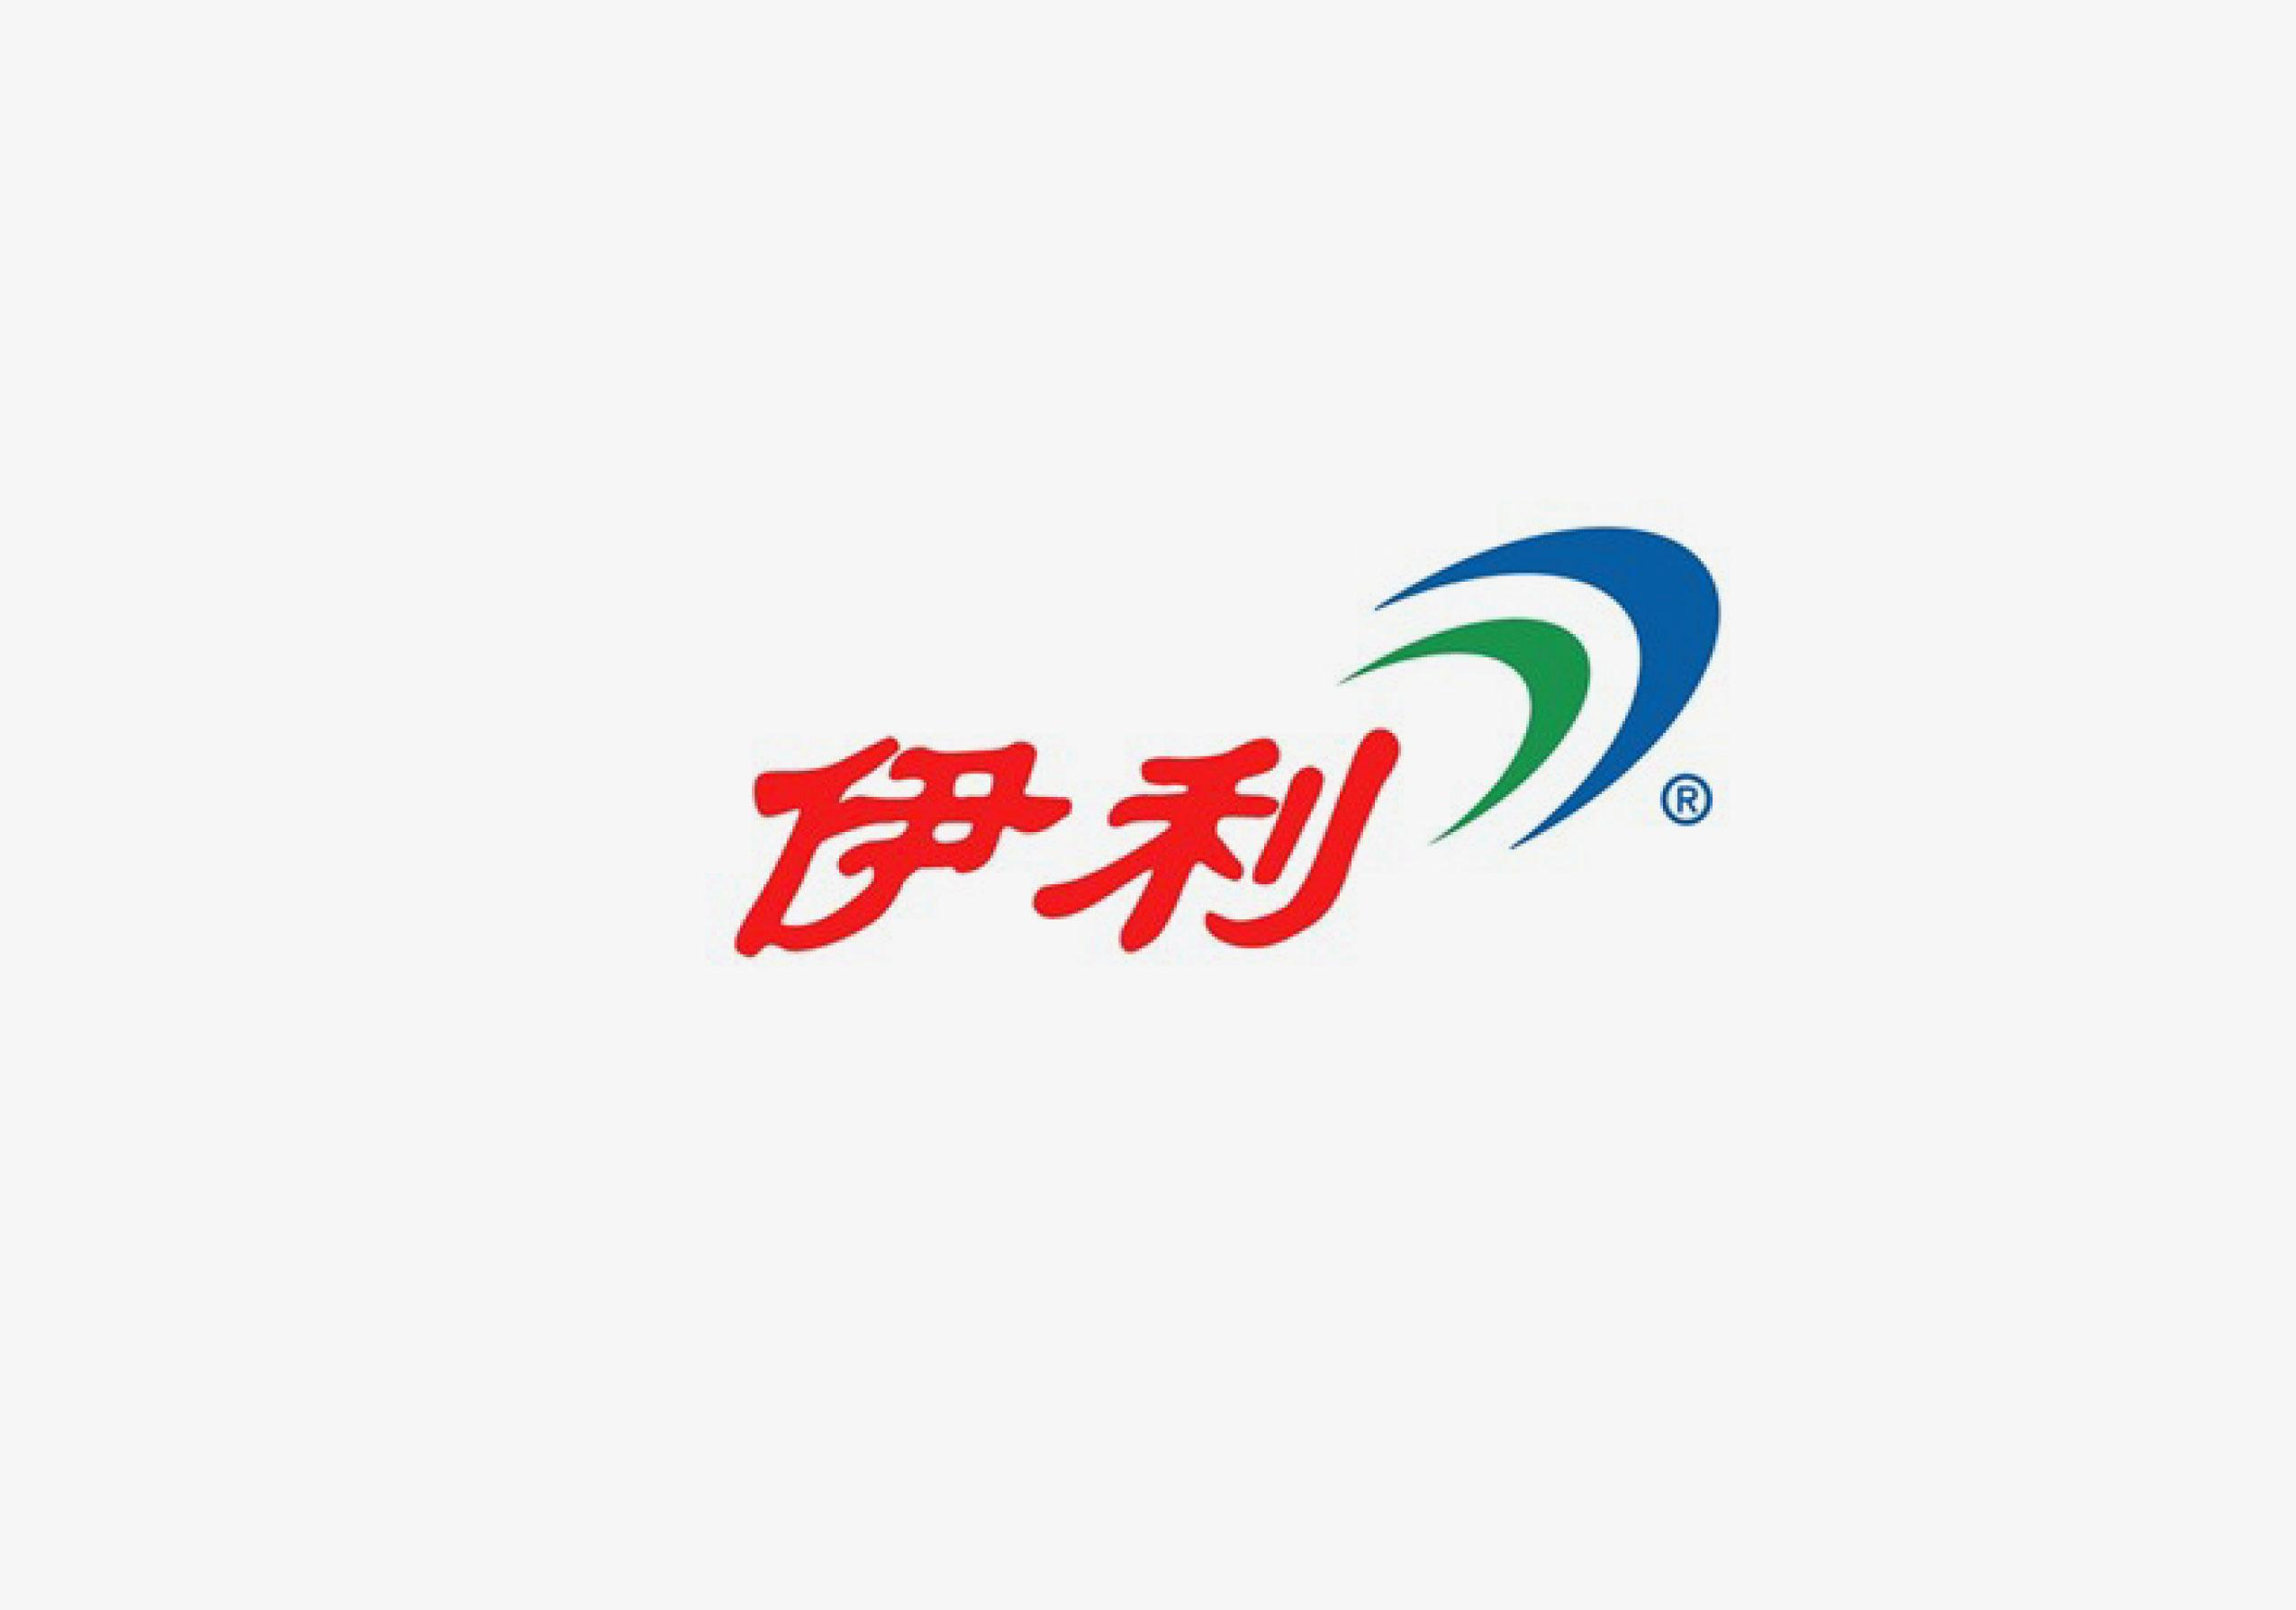 """与原logo相比,新logo保持了""""伊利""""文字标识的基本"""